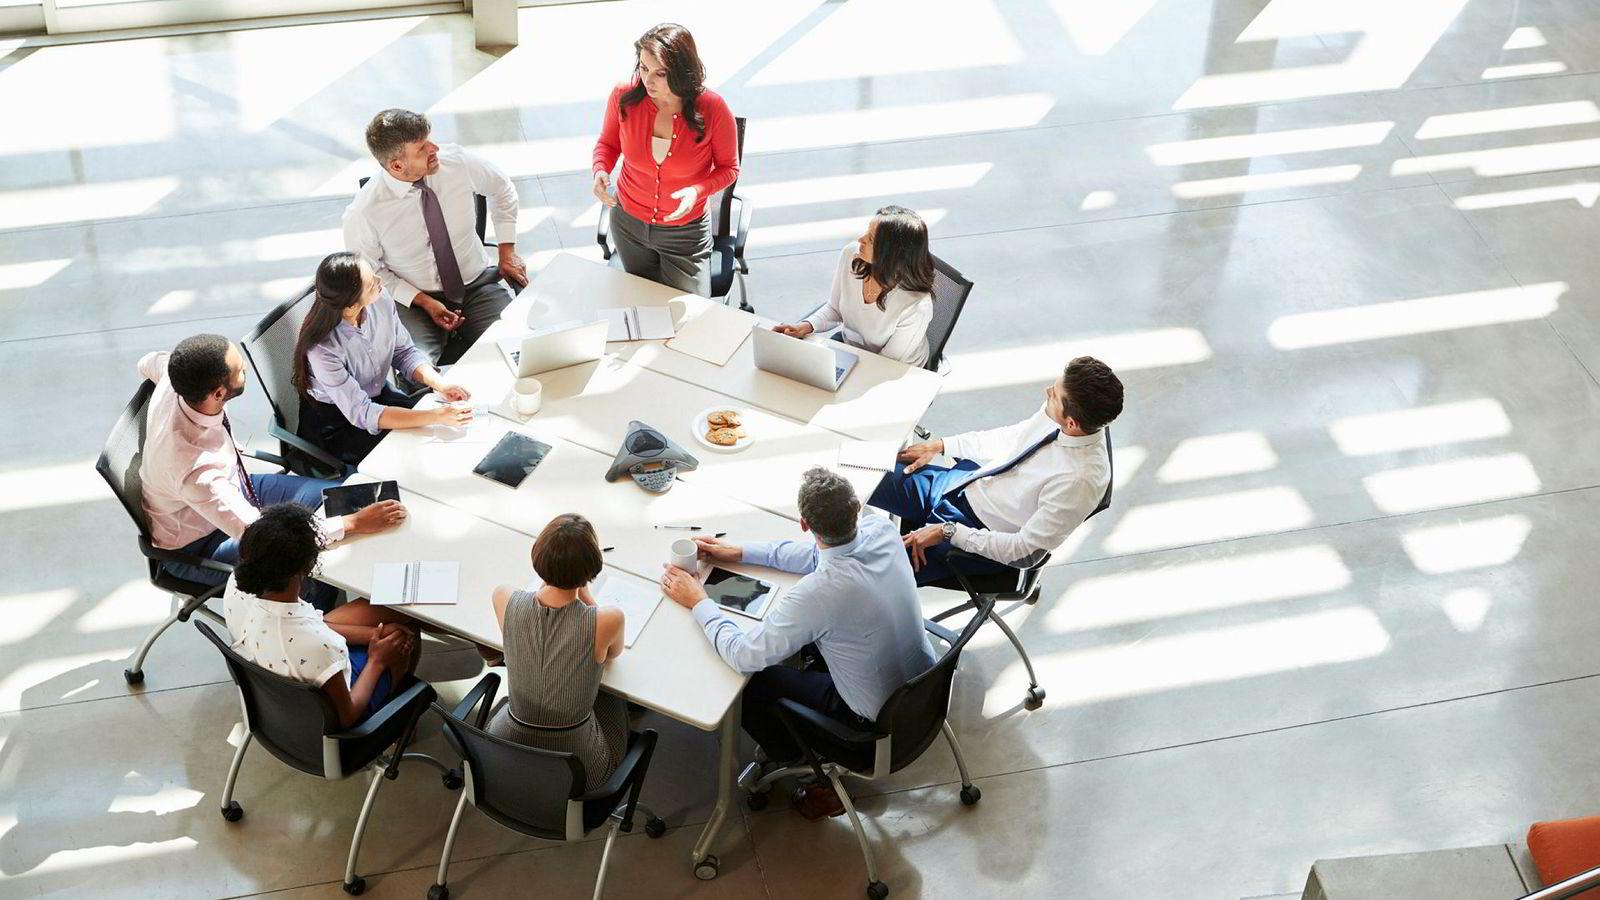 For å oppnå suksess som leder, må du anerkjenne at ledelse er et eget kompetansefelt. Da blir det naturlig stadig å utvikle egen lederkompetanse gjennom påfyll av ledelseskunnskap, og å reflektere over egen lederadferd.